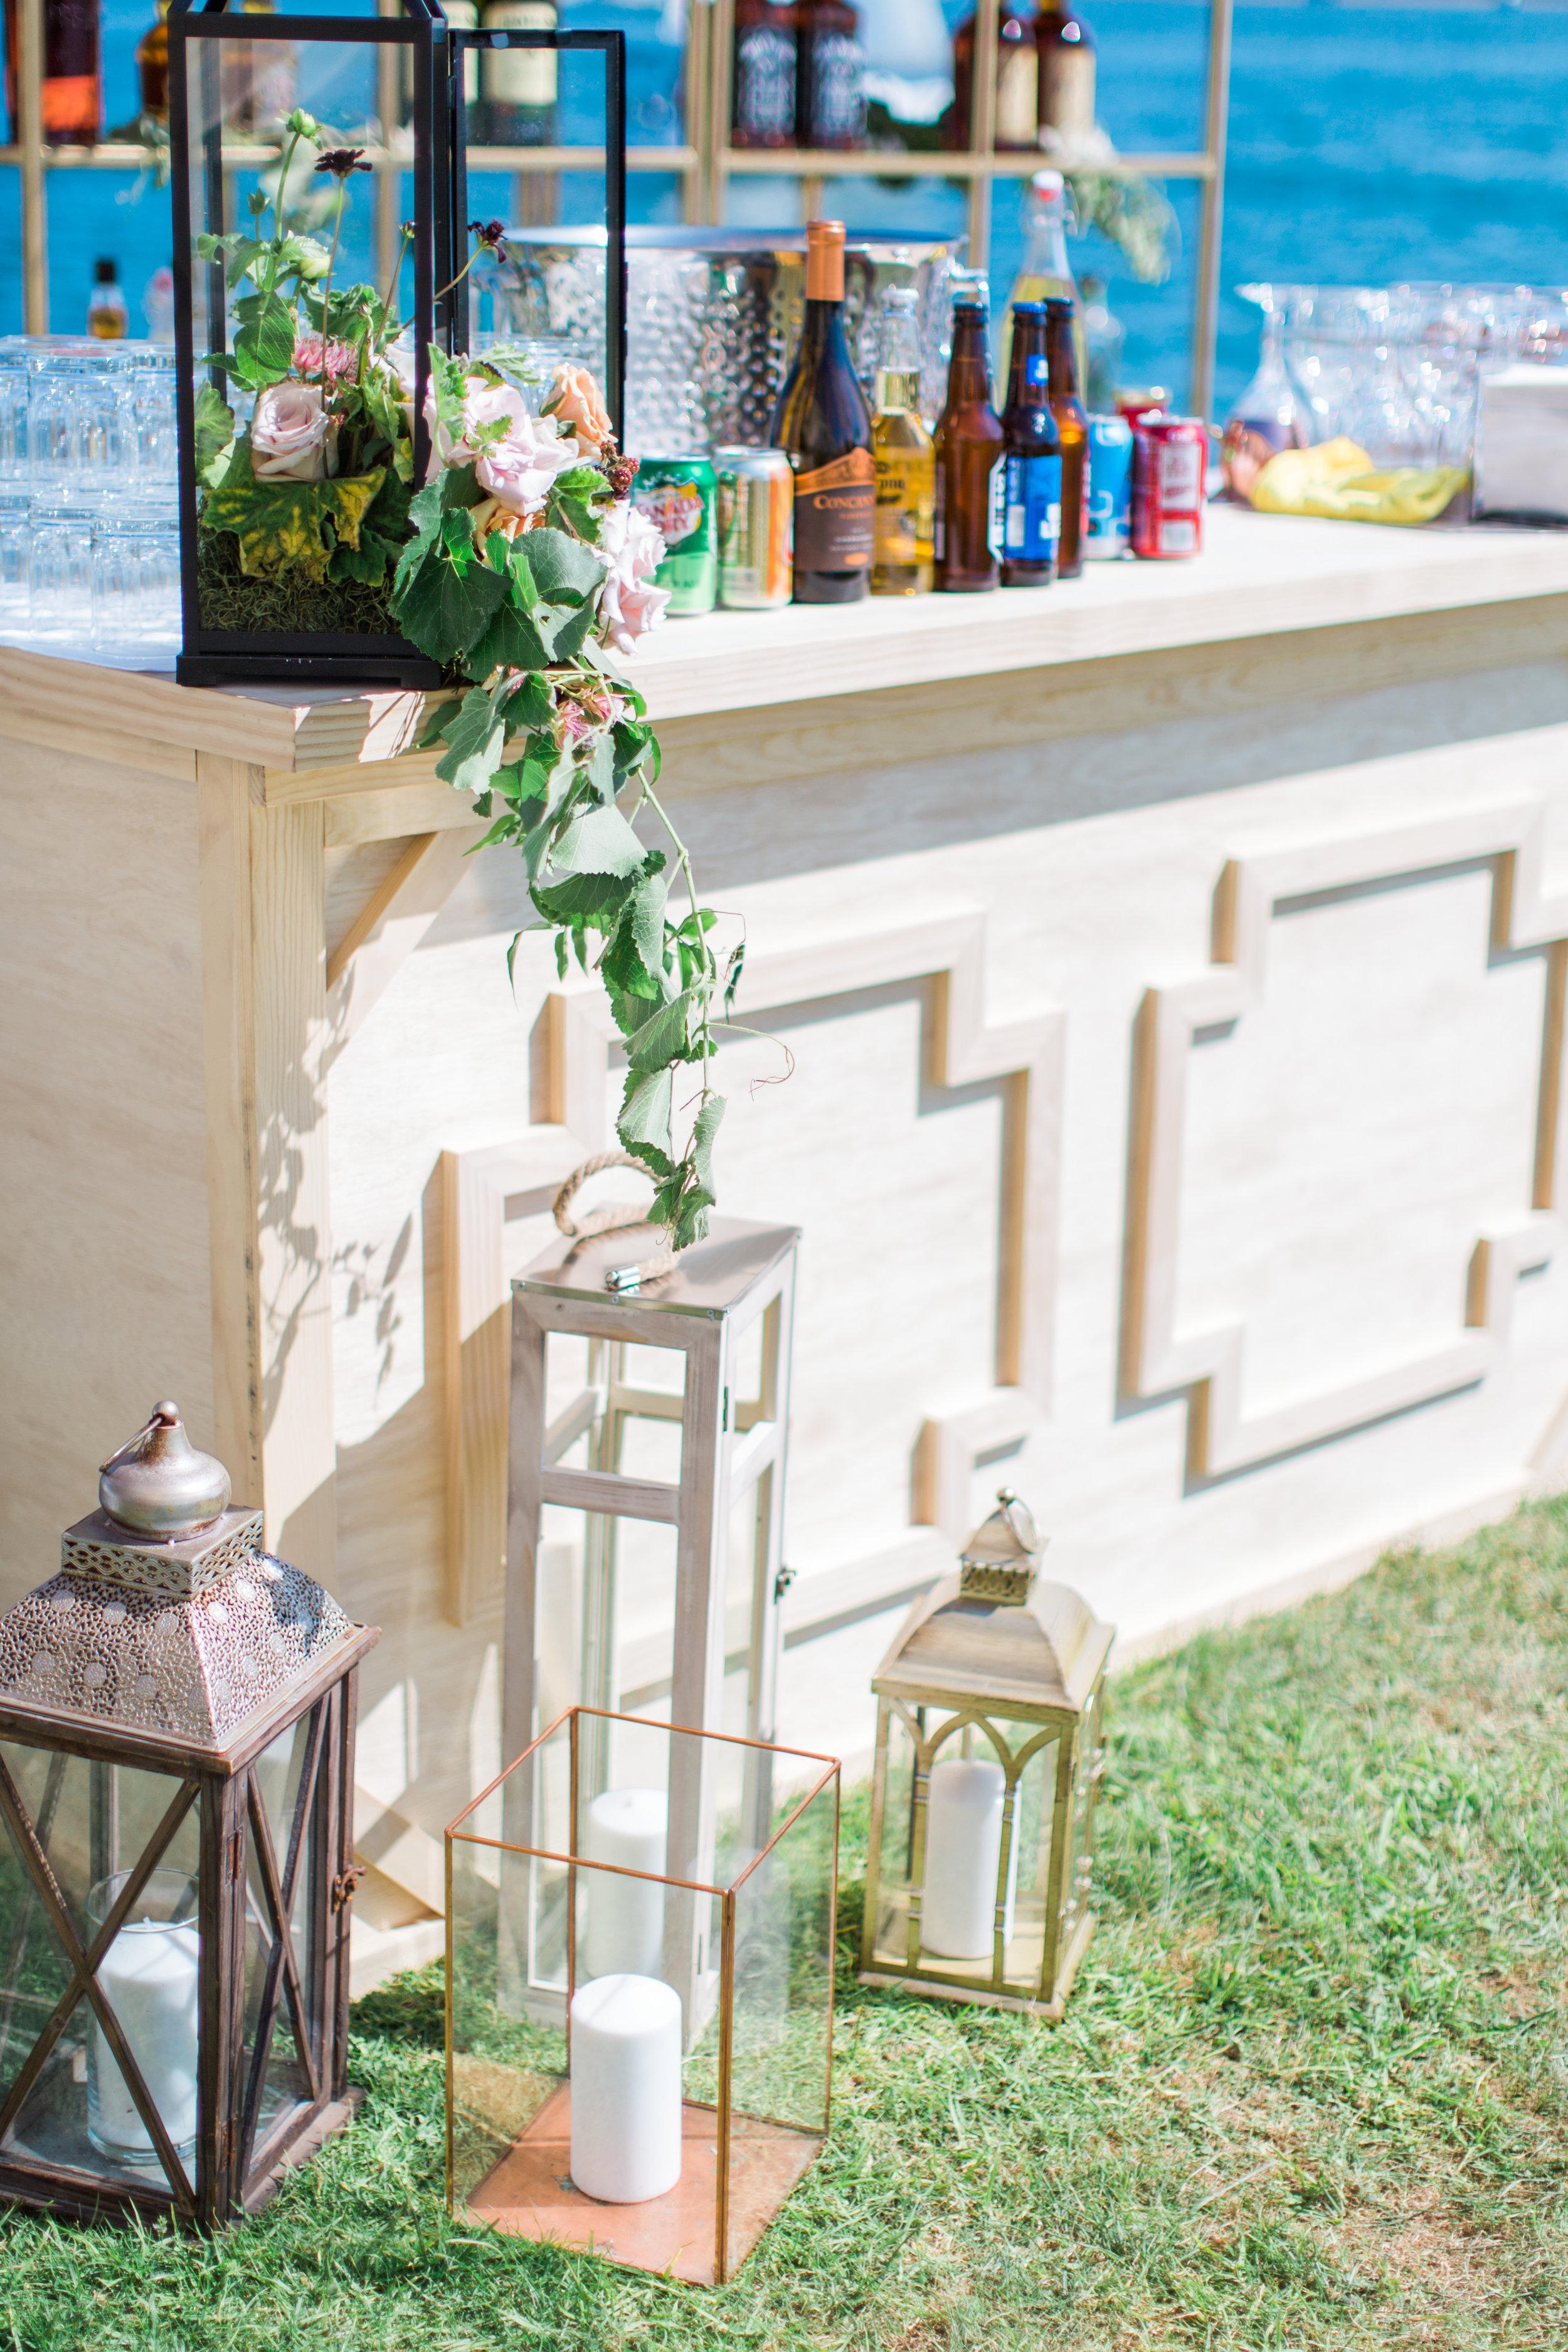 TBD San Diego custom bar